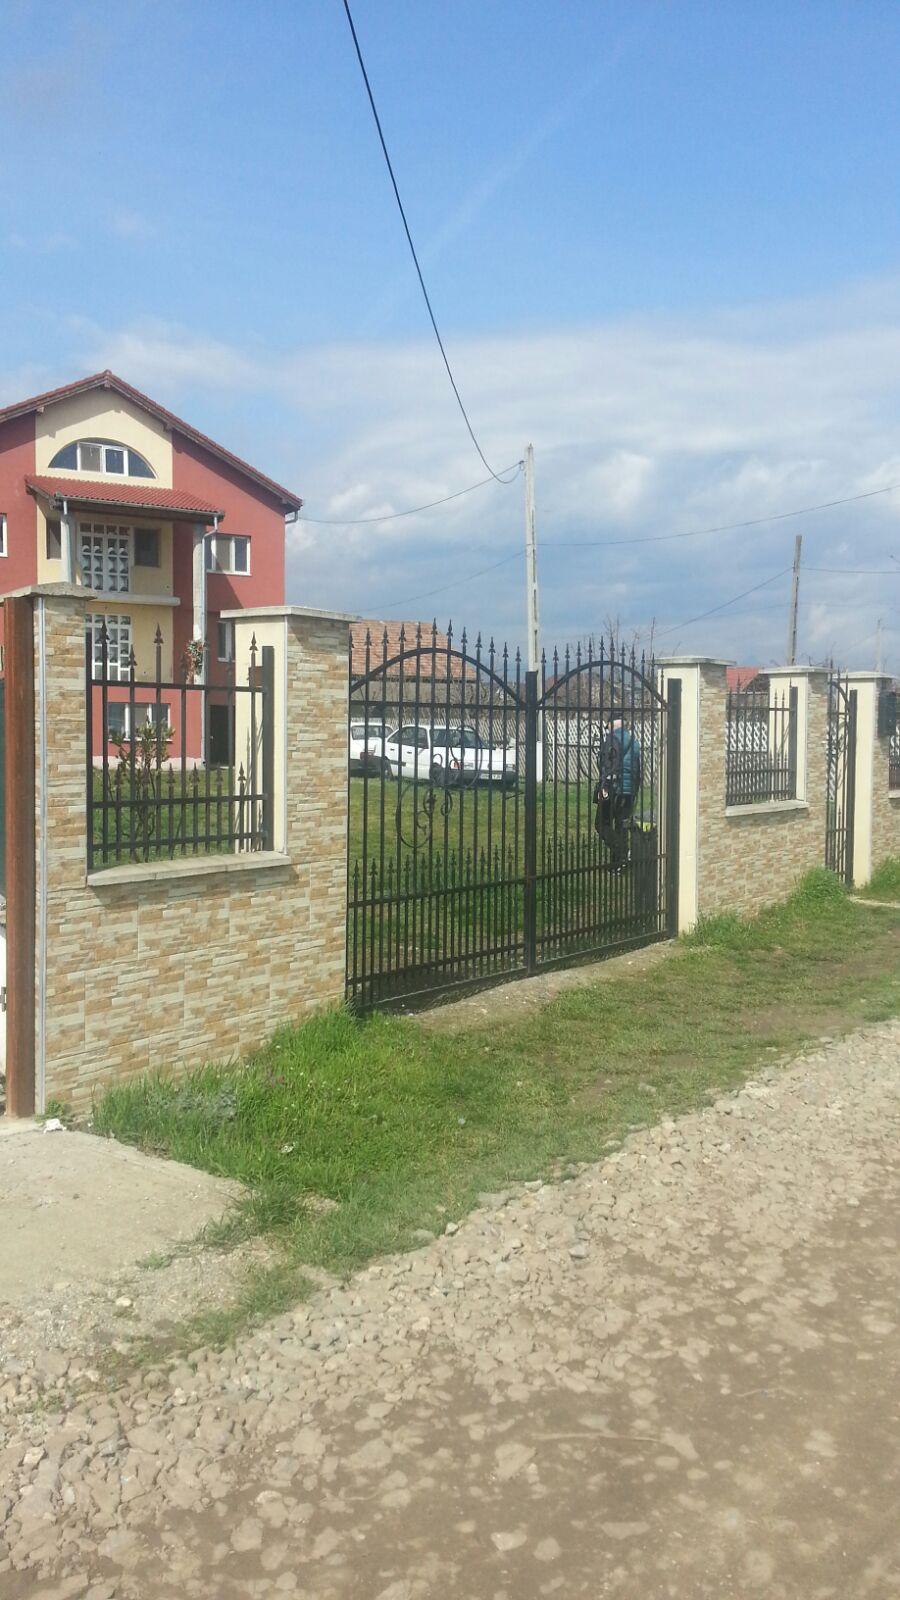 Vendita villetta a schiera alba iulia alba romania alcal de henares n 33 - Agenzie immobiliari bucarest ...